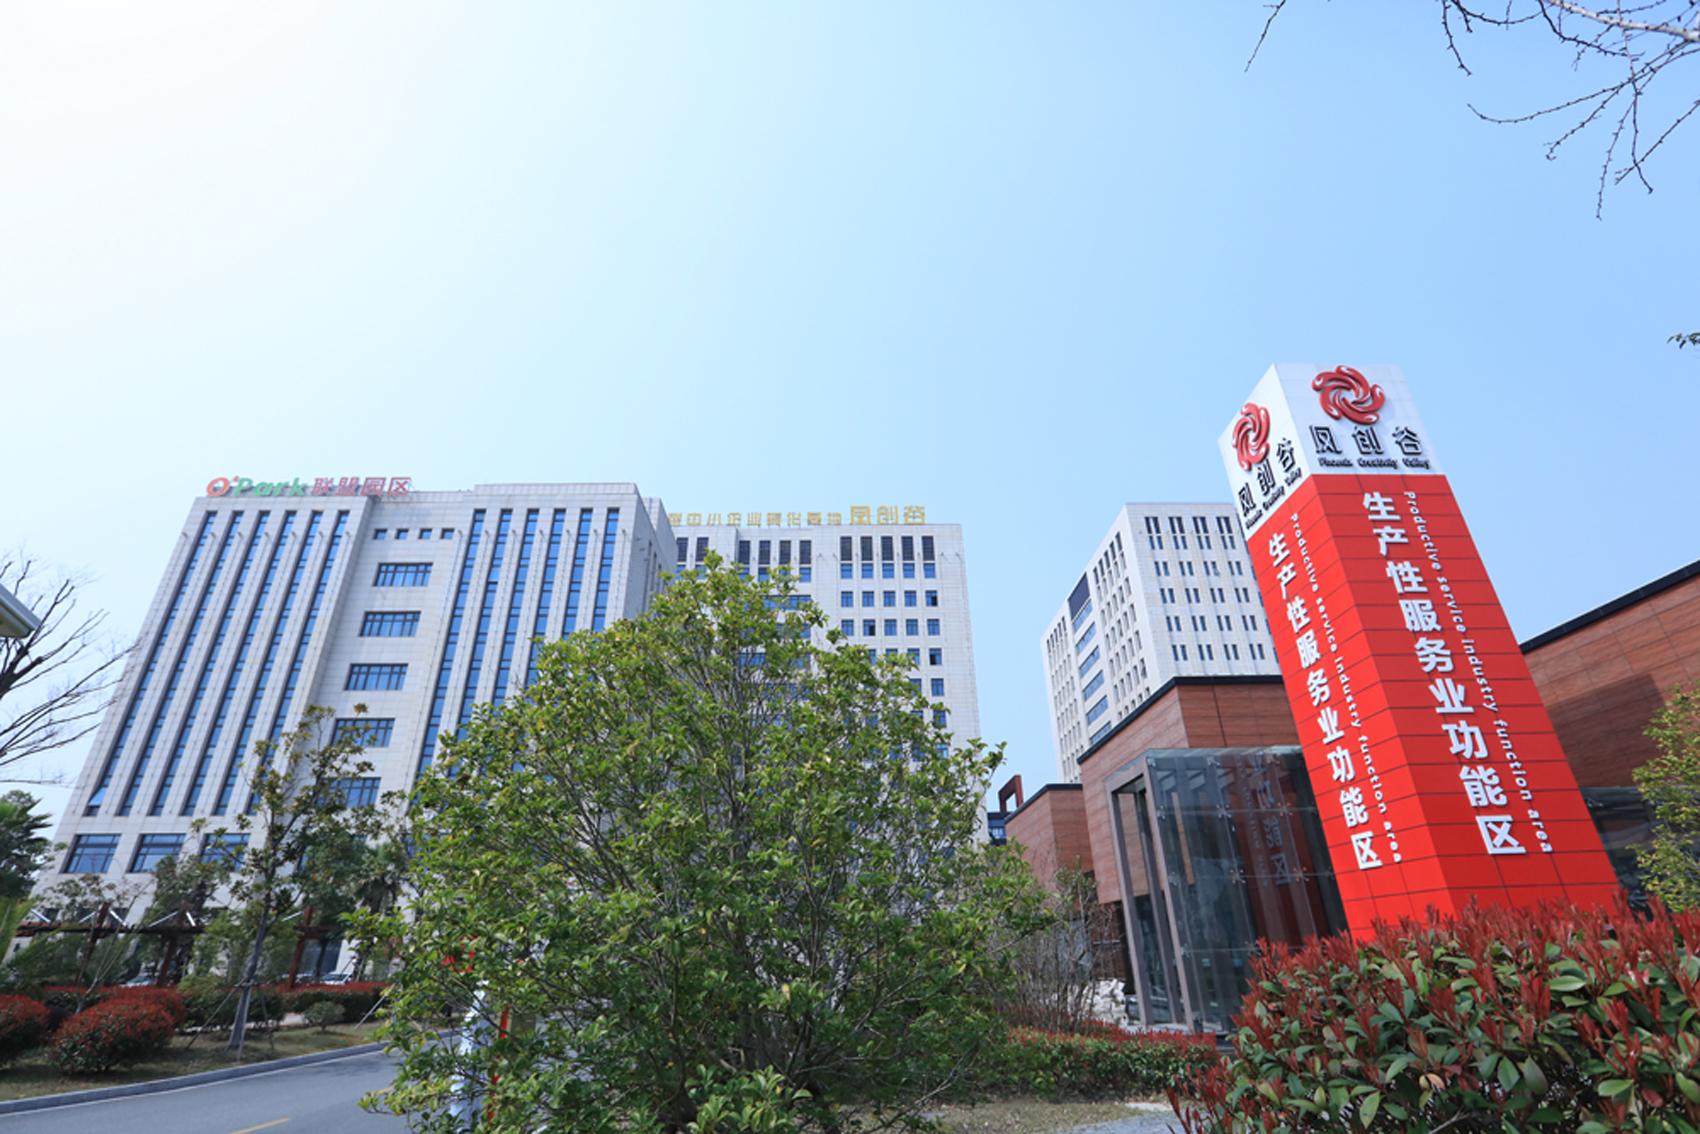 截至目前,凤创谷实体在孵企业78家,累计孵化创业企业及团队128家,已培育出了一批具有创新创业活力的